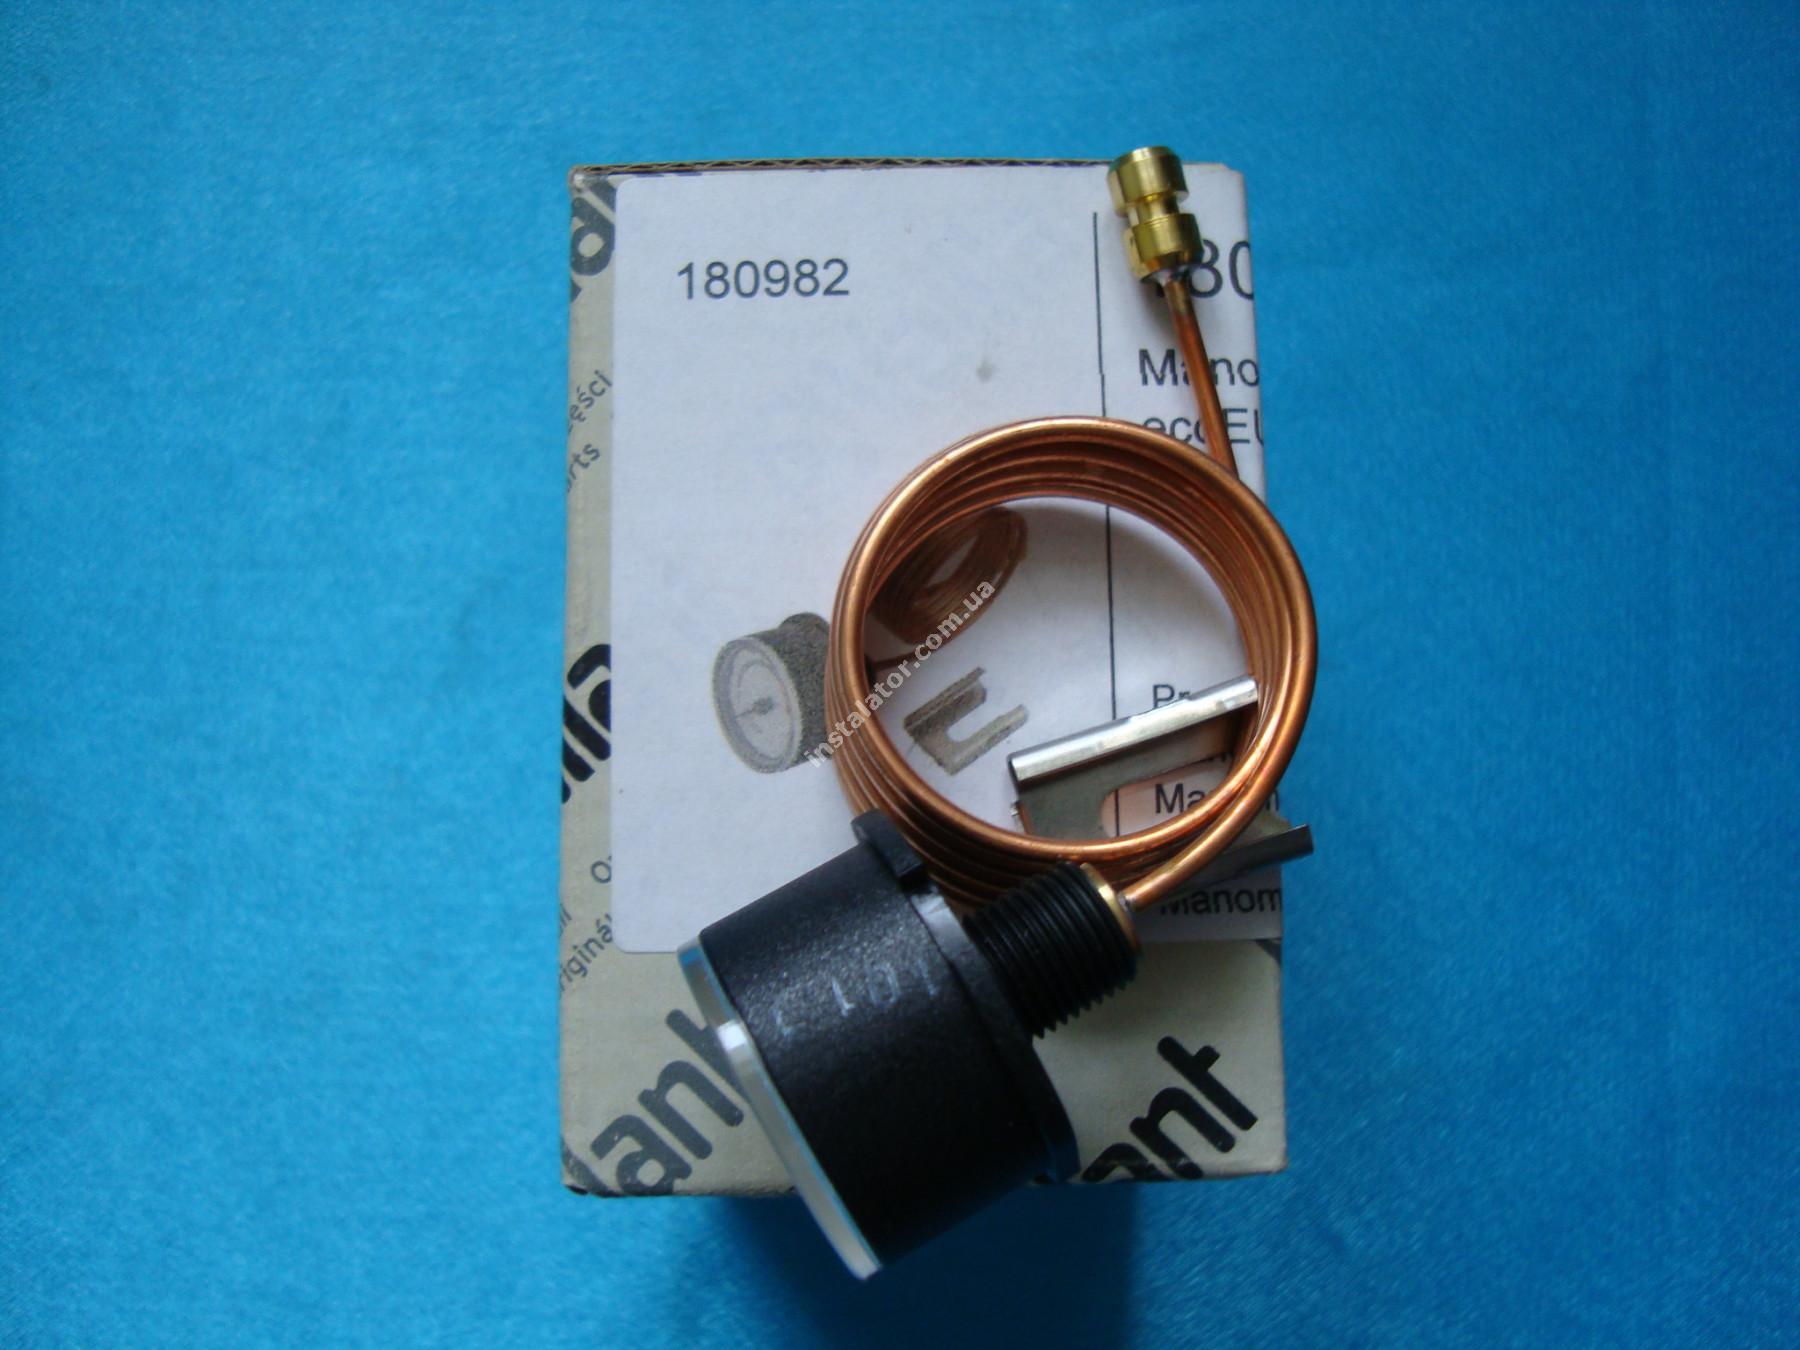 180982 Манометр VAILLANT АtmoTEC Pro, Turbo TEC pro, АtmoTEC plus, Turbo TEC plus  full-image-0